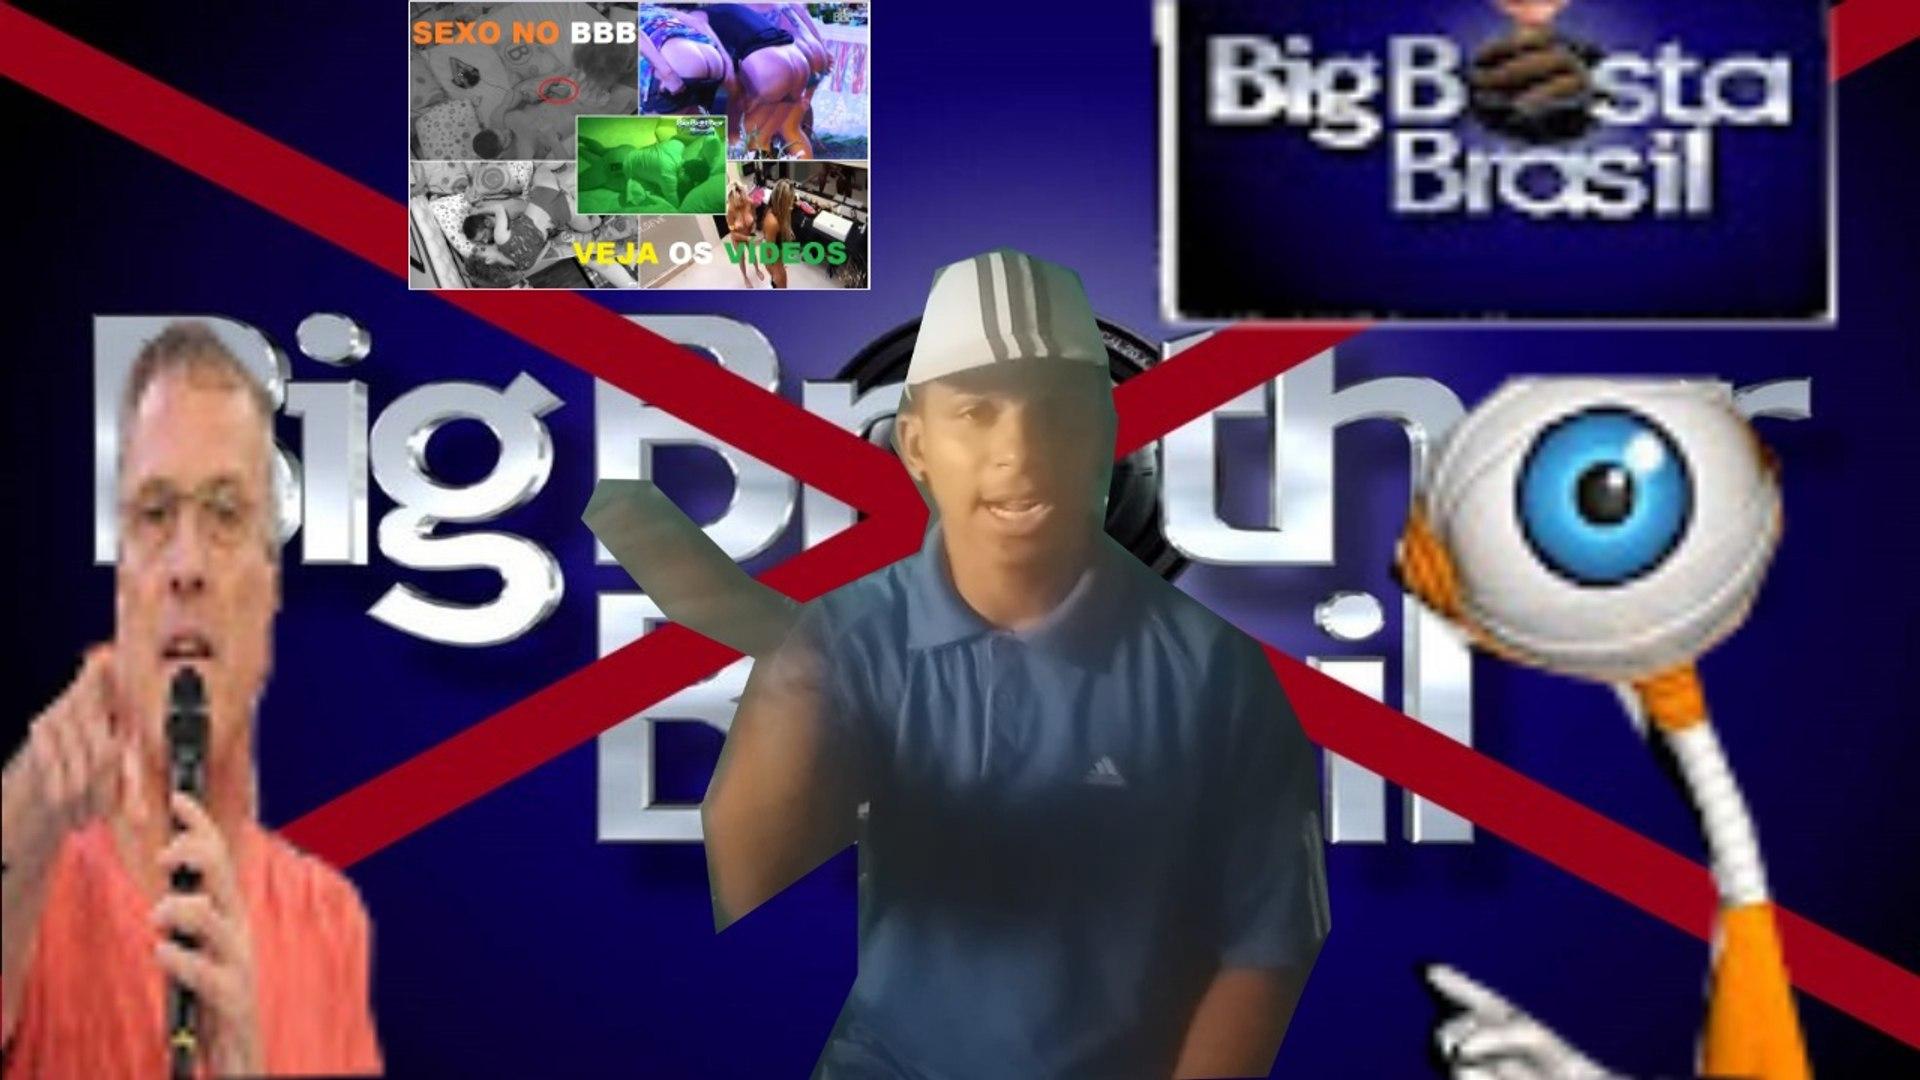 BBB - BIG BOSTA BRASIL